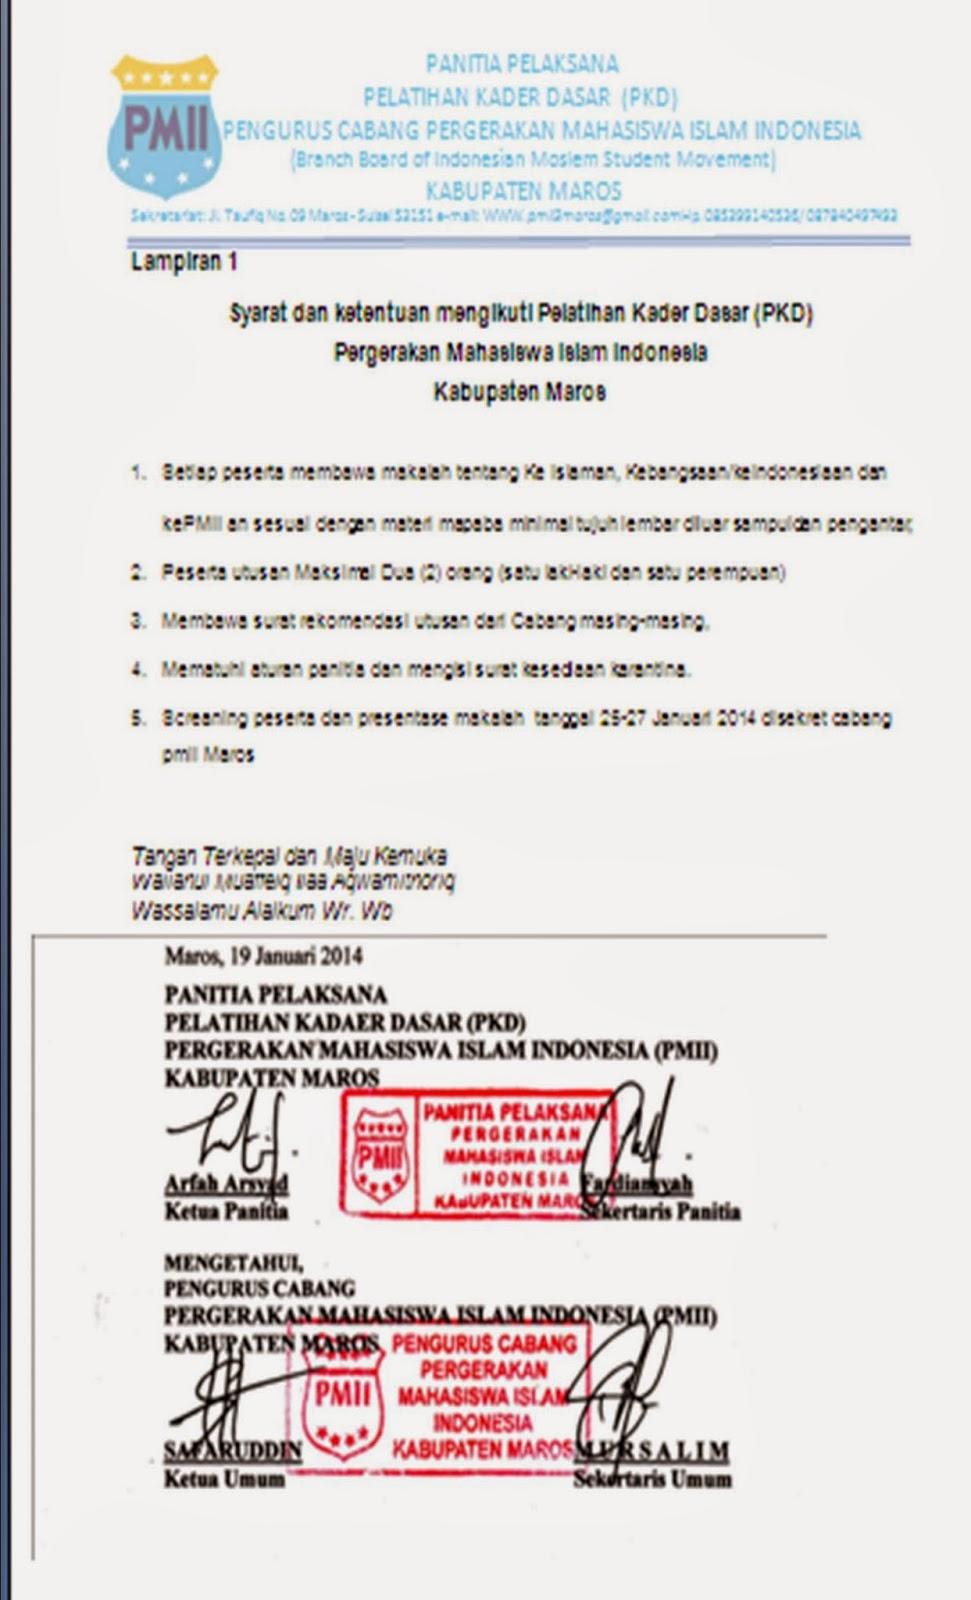 pc pmii gowa sulawesi selatan ikuti kegiatan pkd pmii maros undangan untuk warga pmii gowa